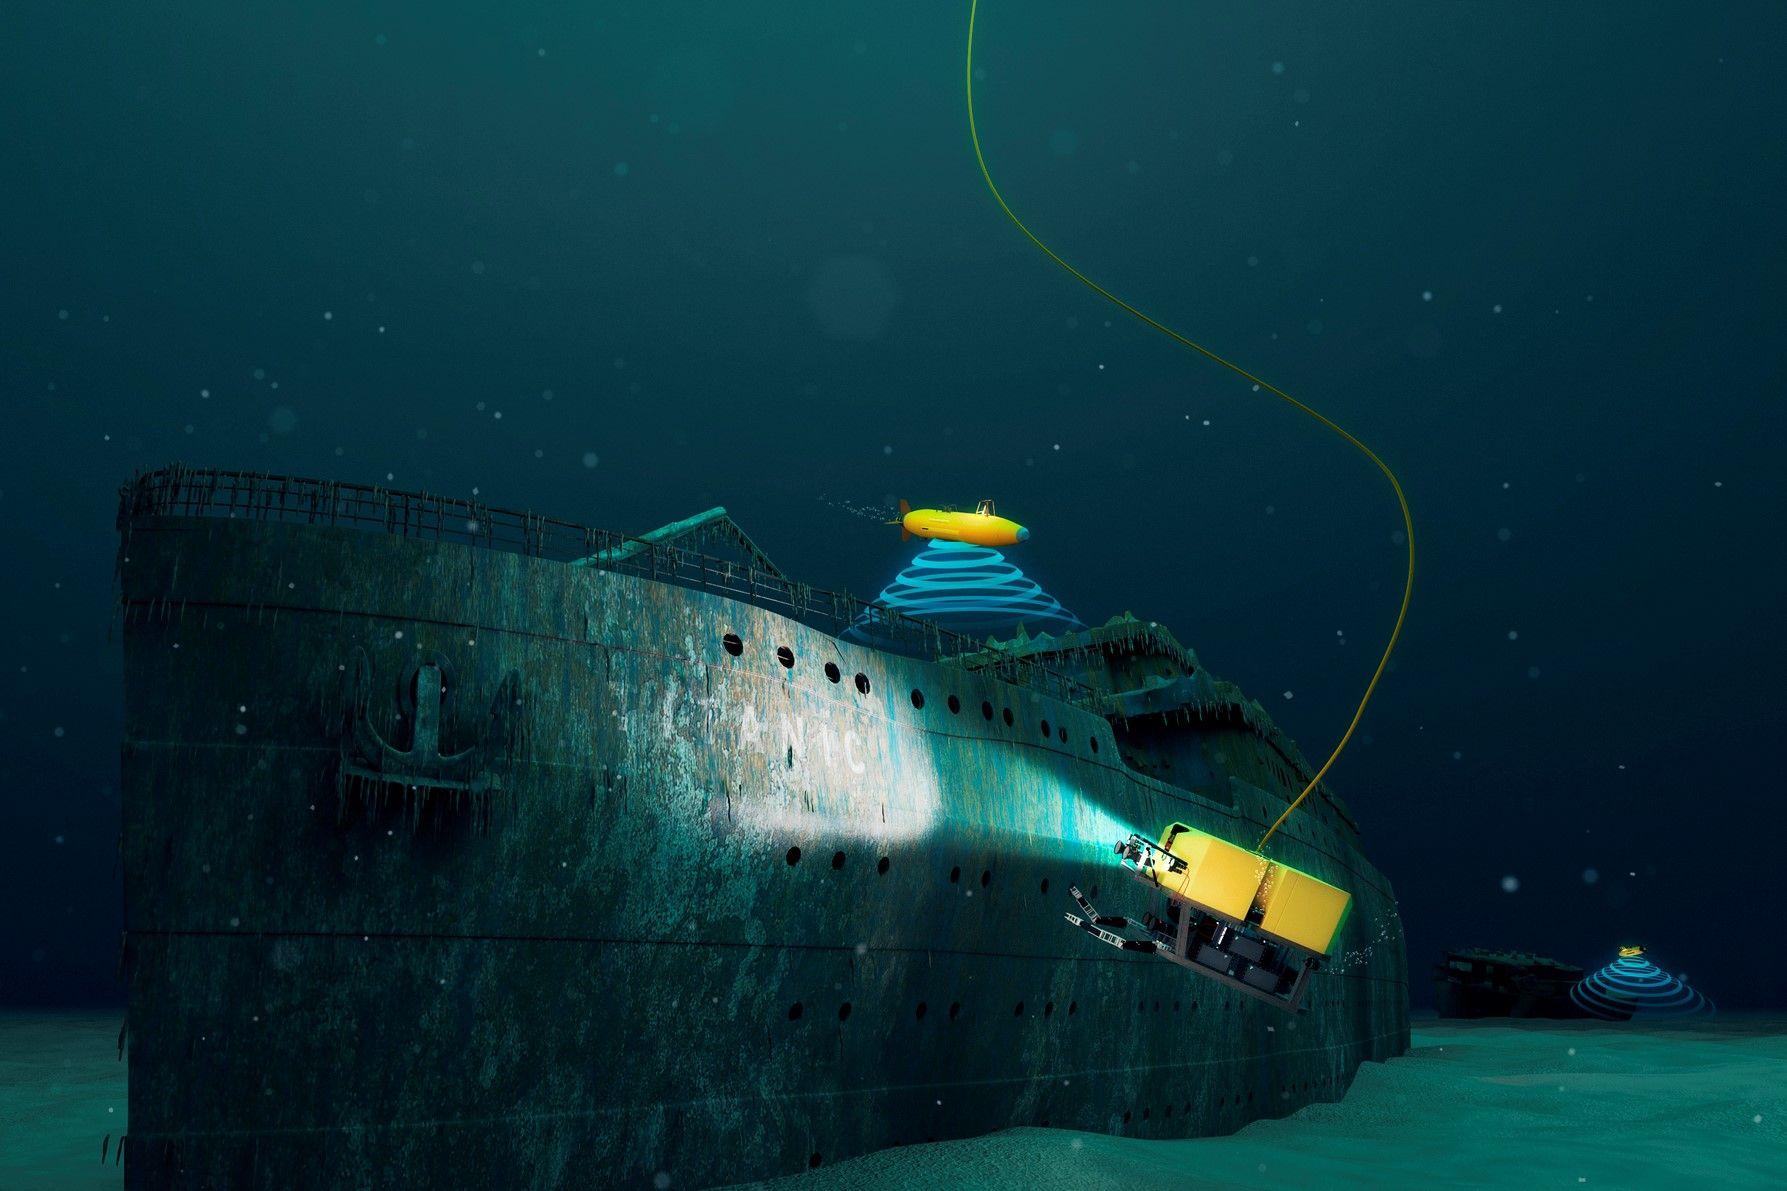 Nel 2019 potrai visitare il Titanic in fondo all'oceano